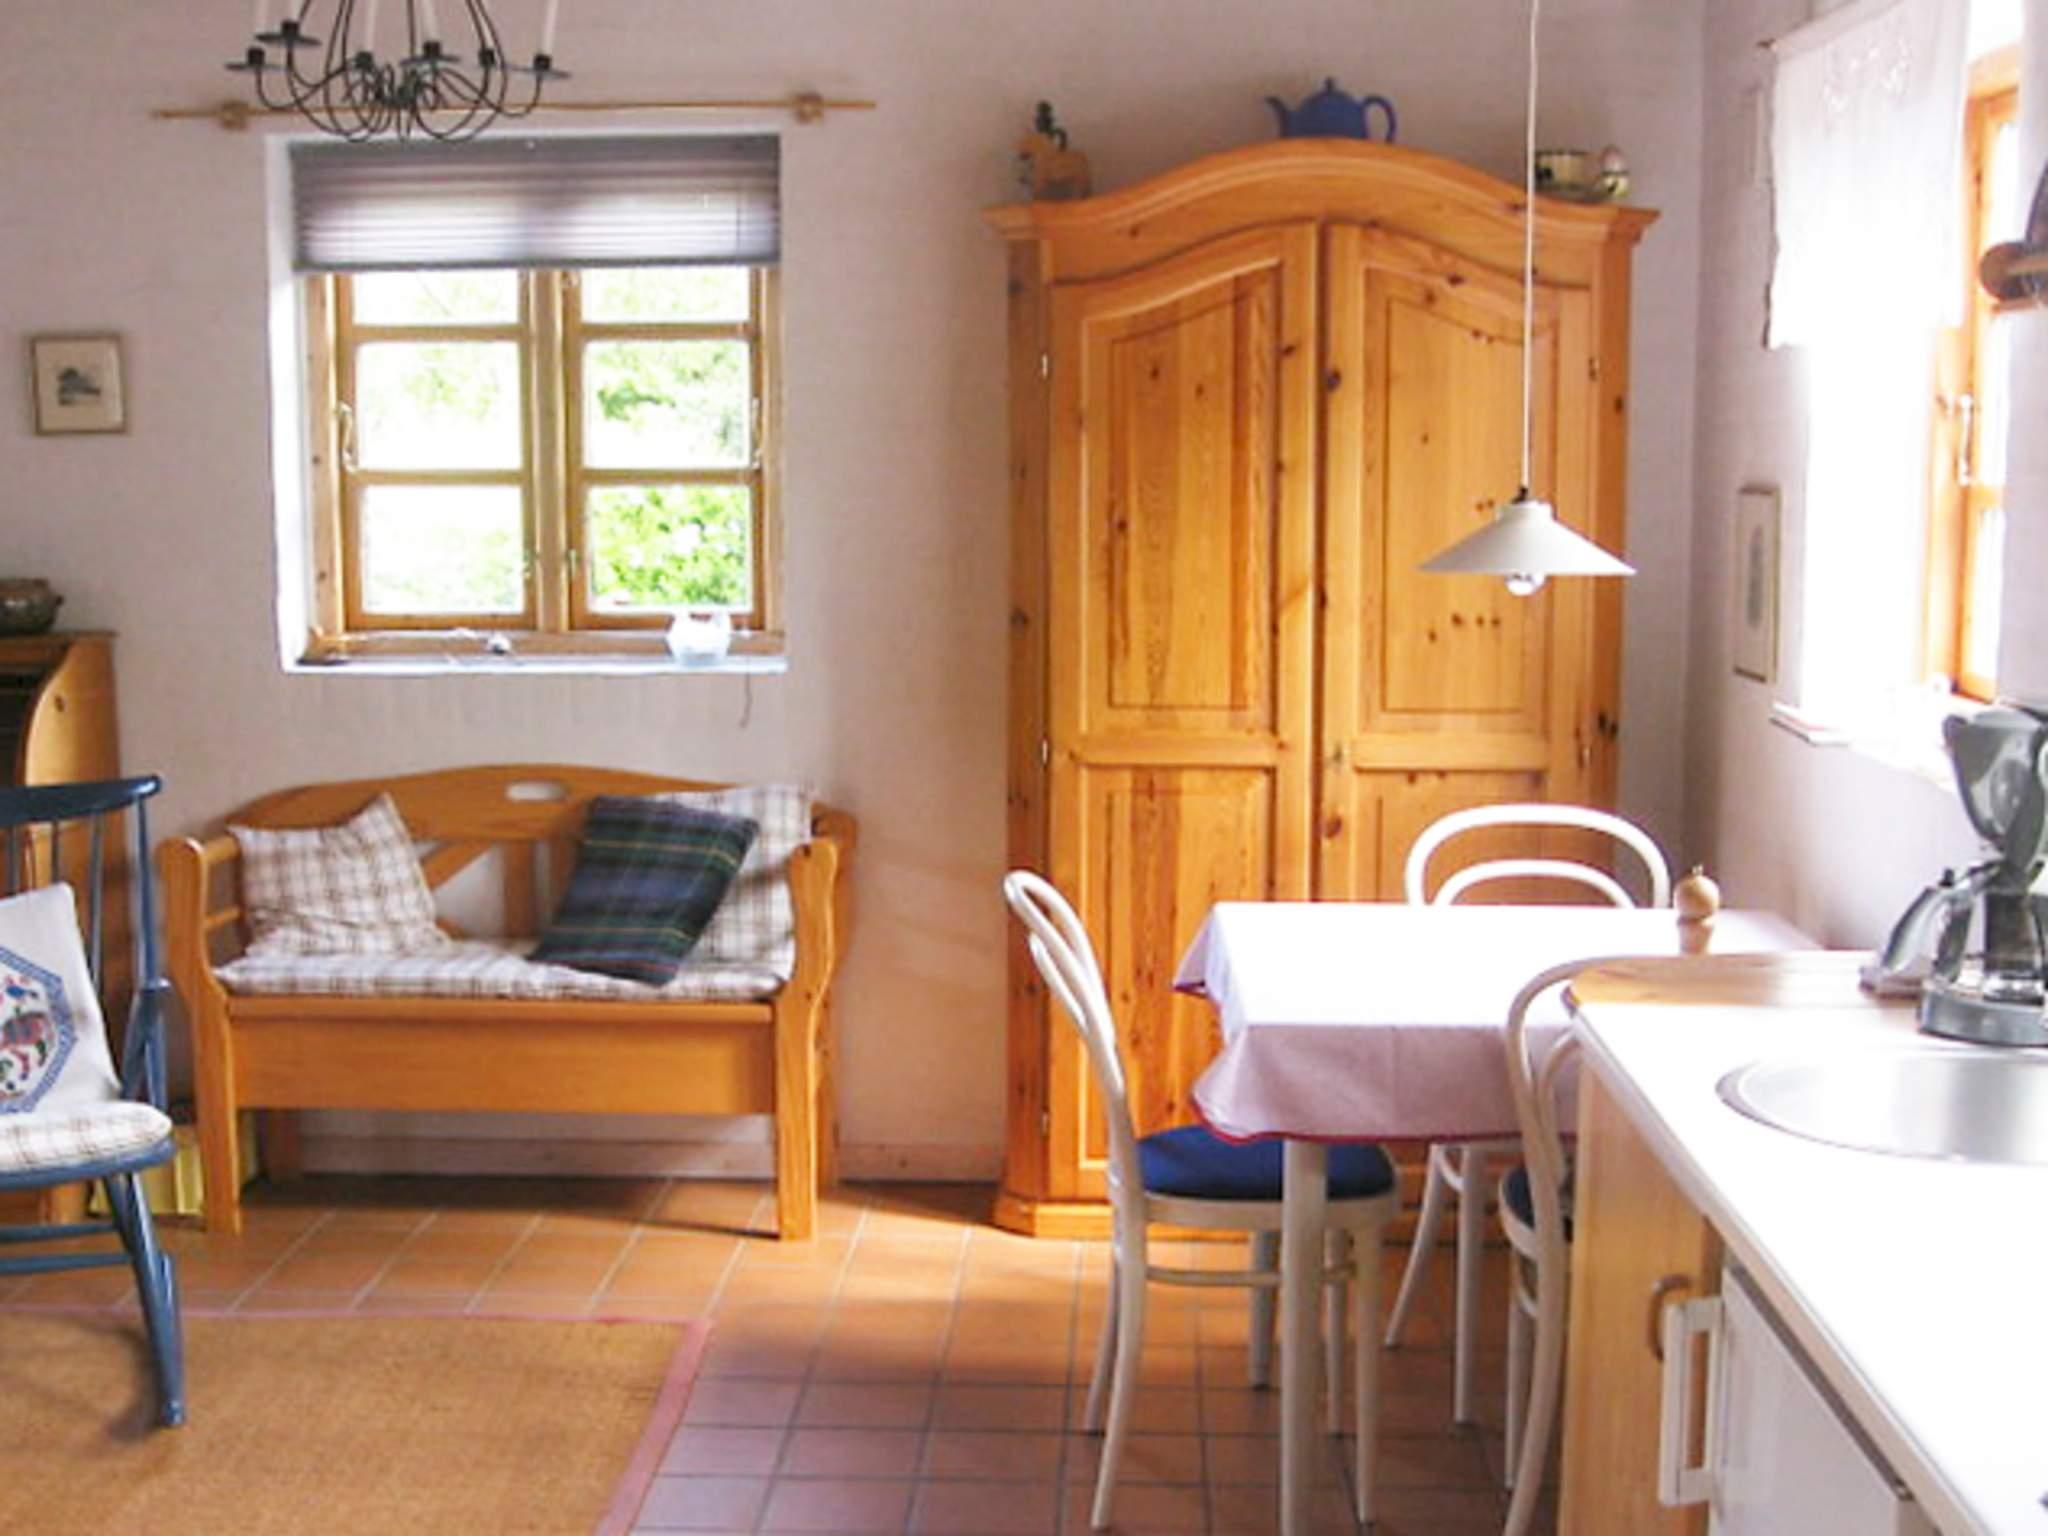 Ferienhaus St. Darum (306951), Bramming, , Südjütland, Dänemark, Bild 2